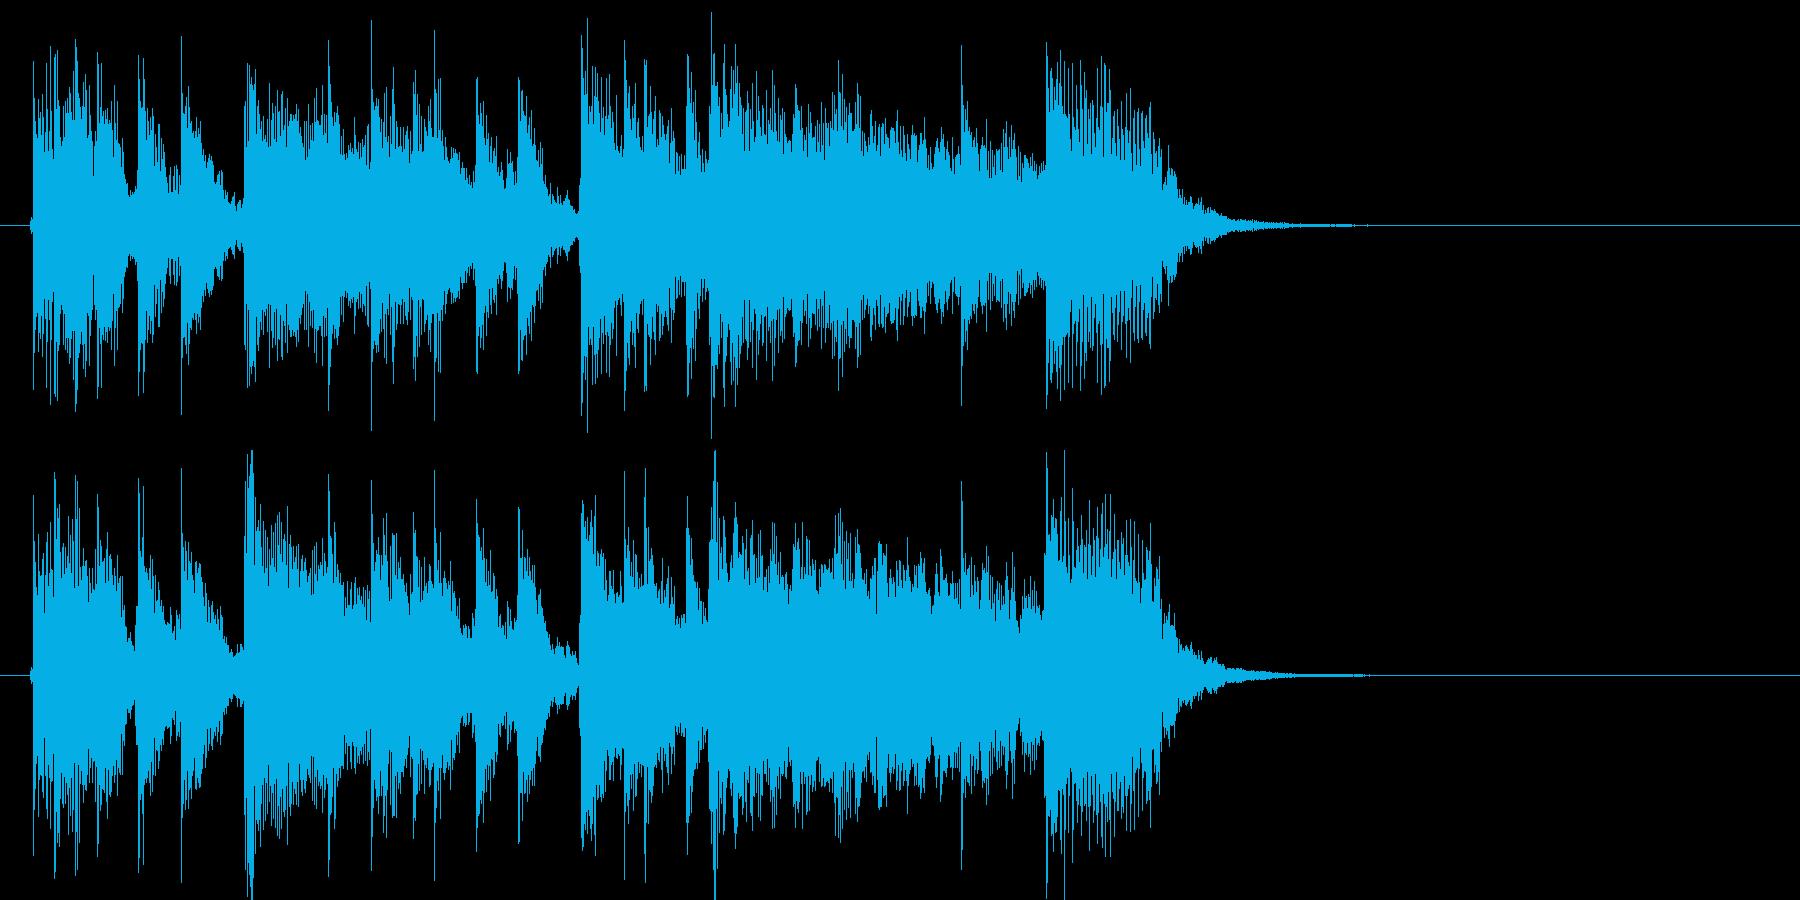 イベント等に使えるパワフルギタージングルの再生済みの波形